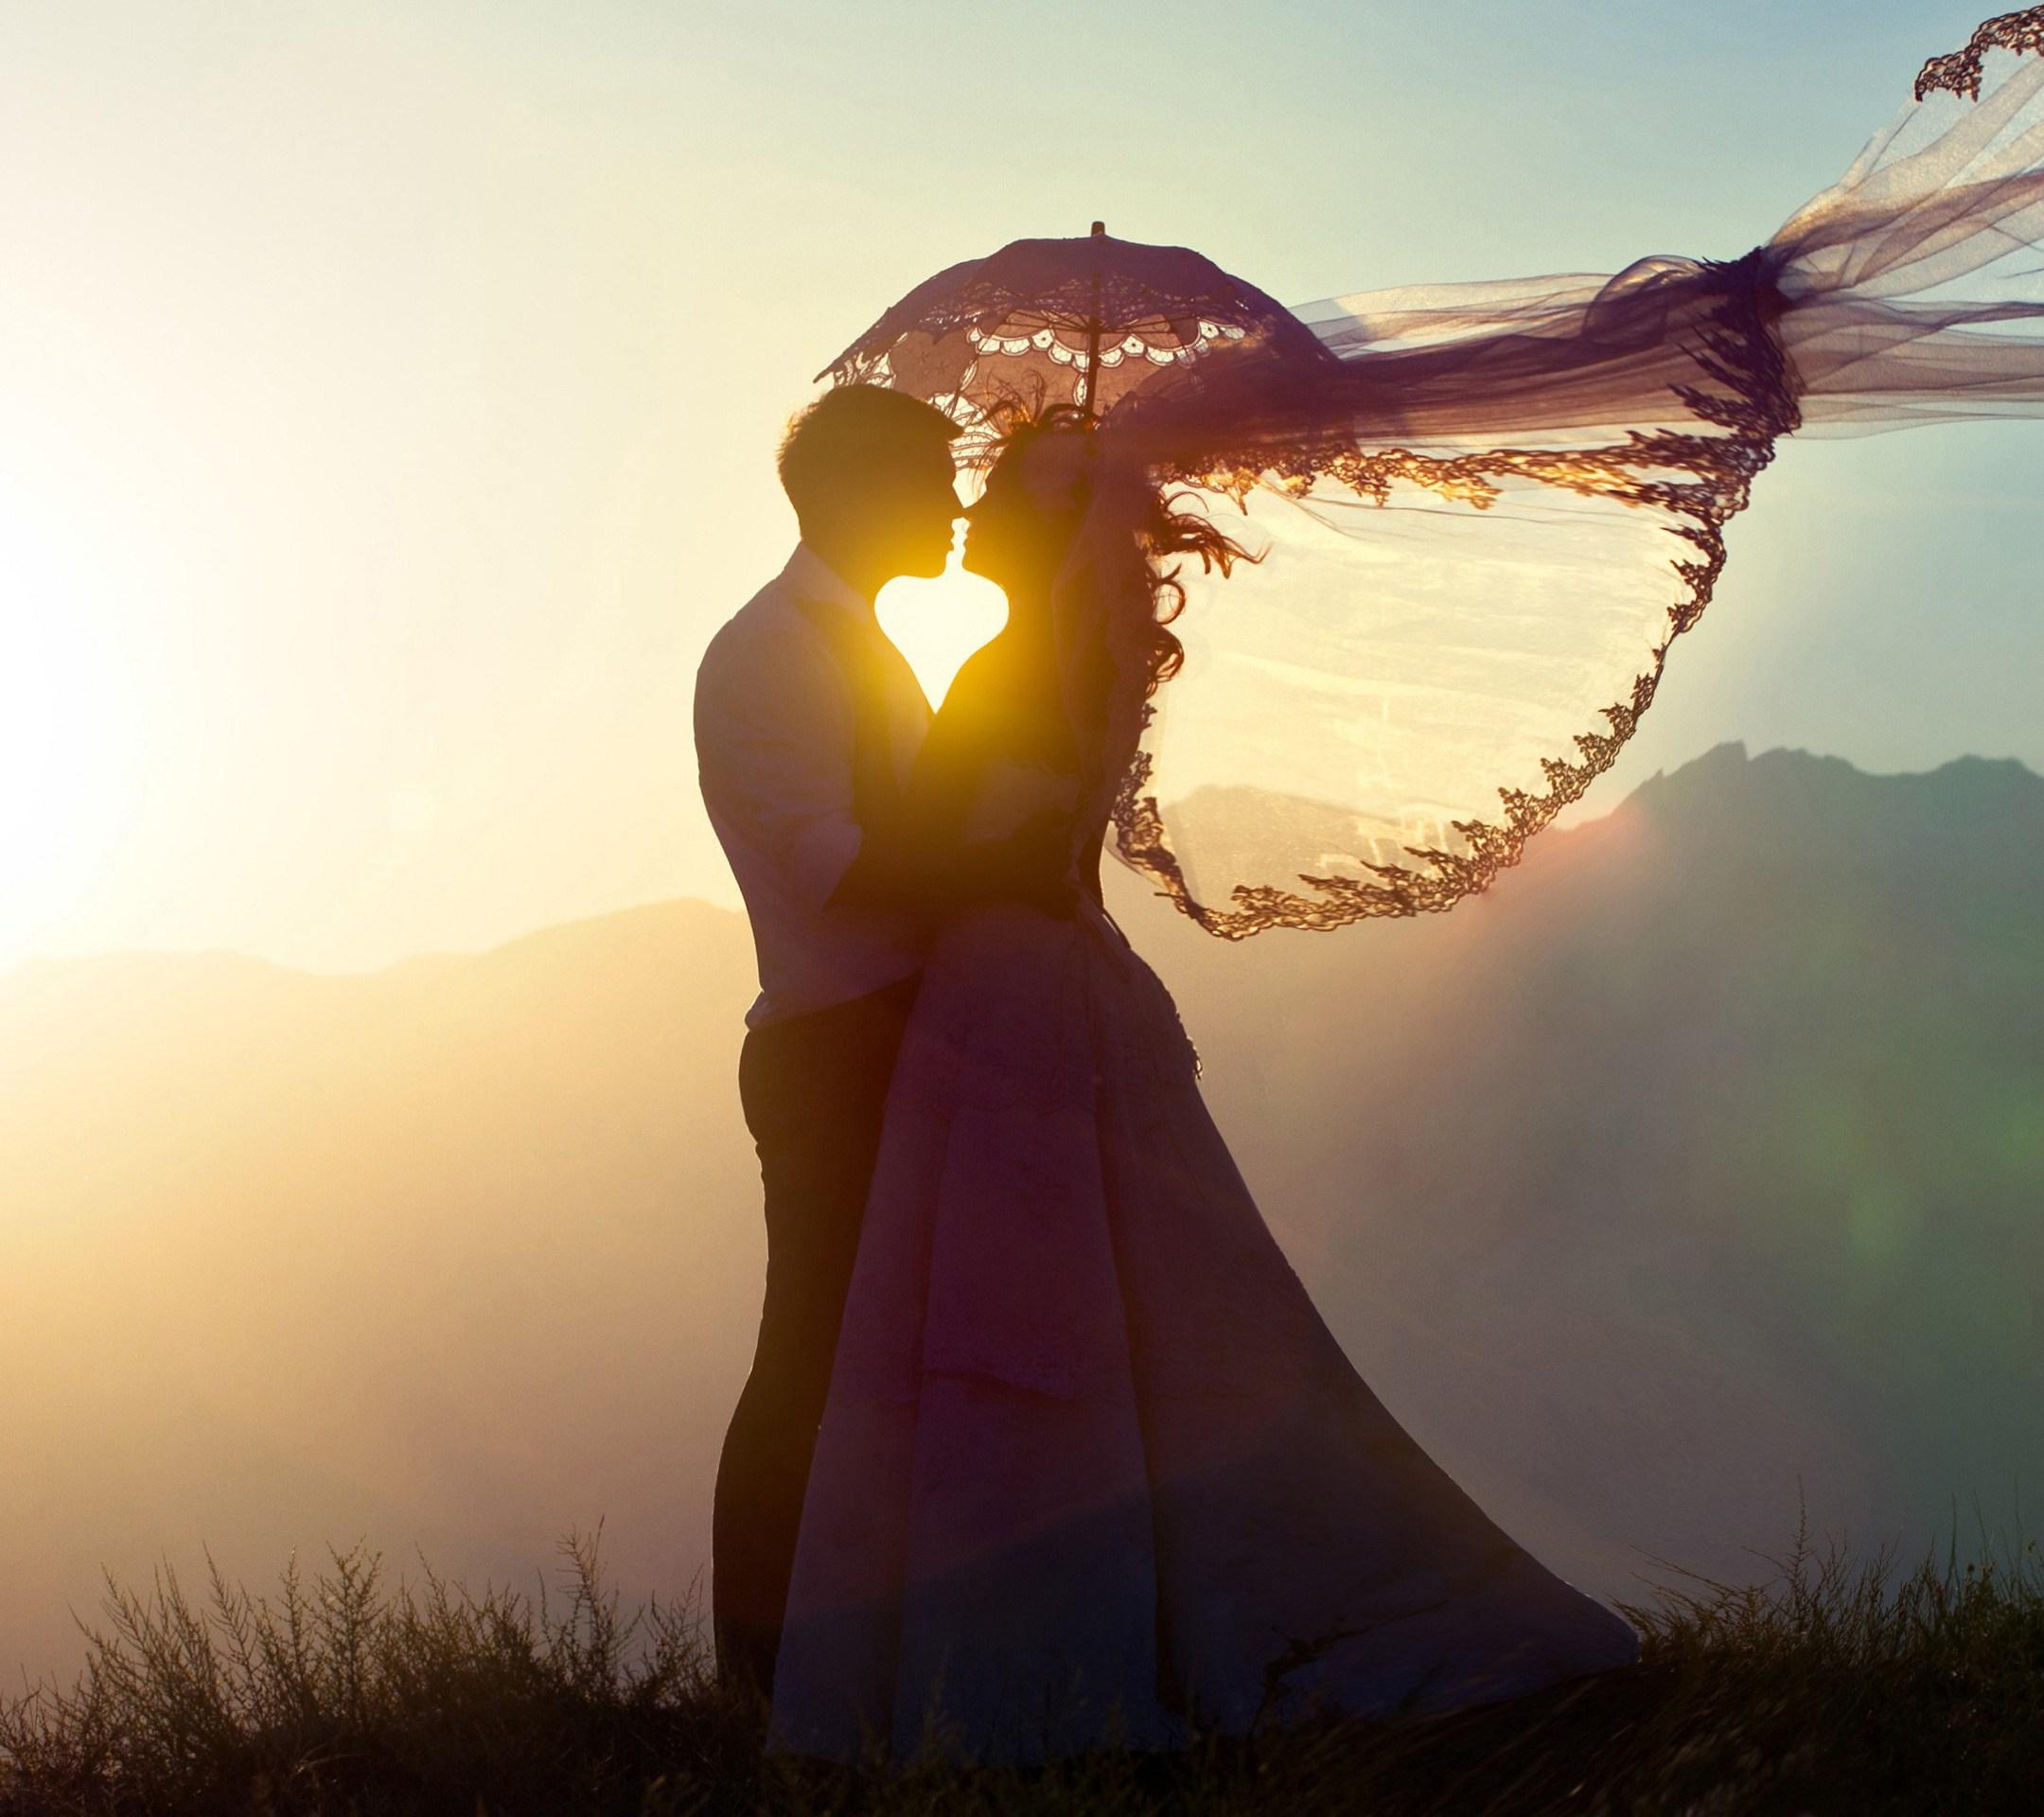 صورة خلفيات رومانسية , خلفيات رومانسية في حب